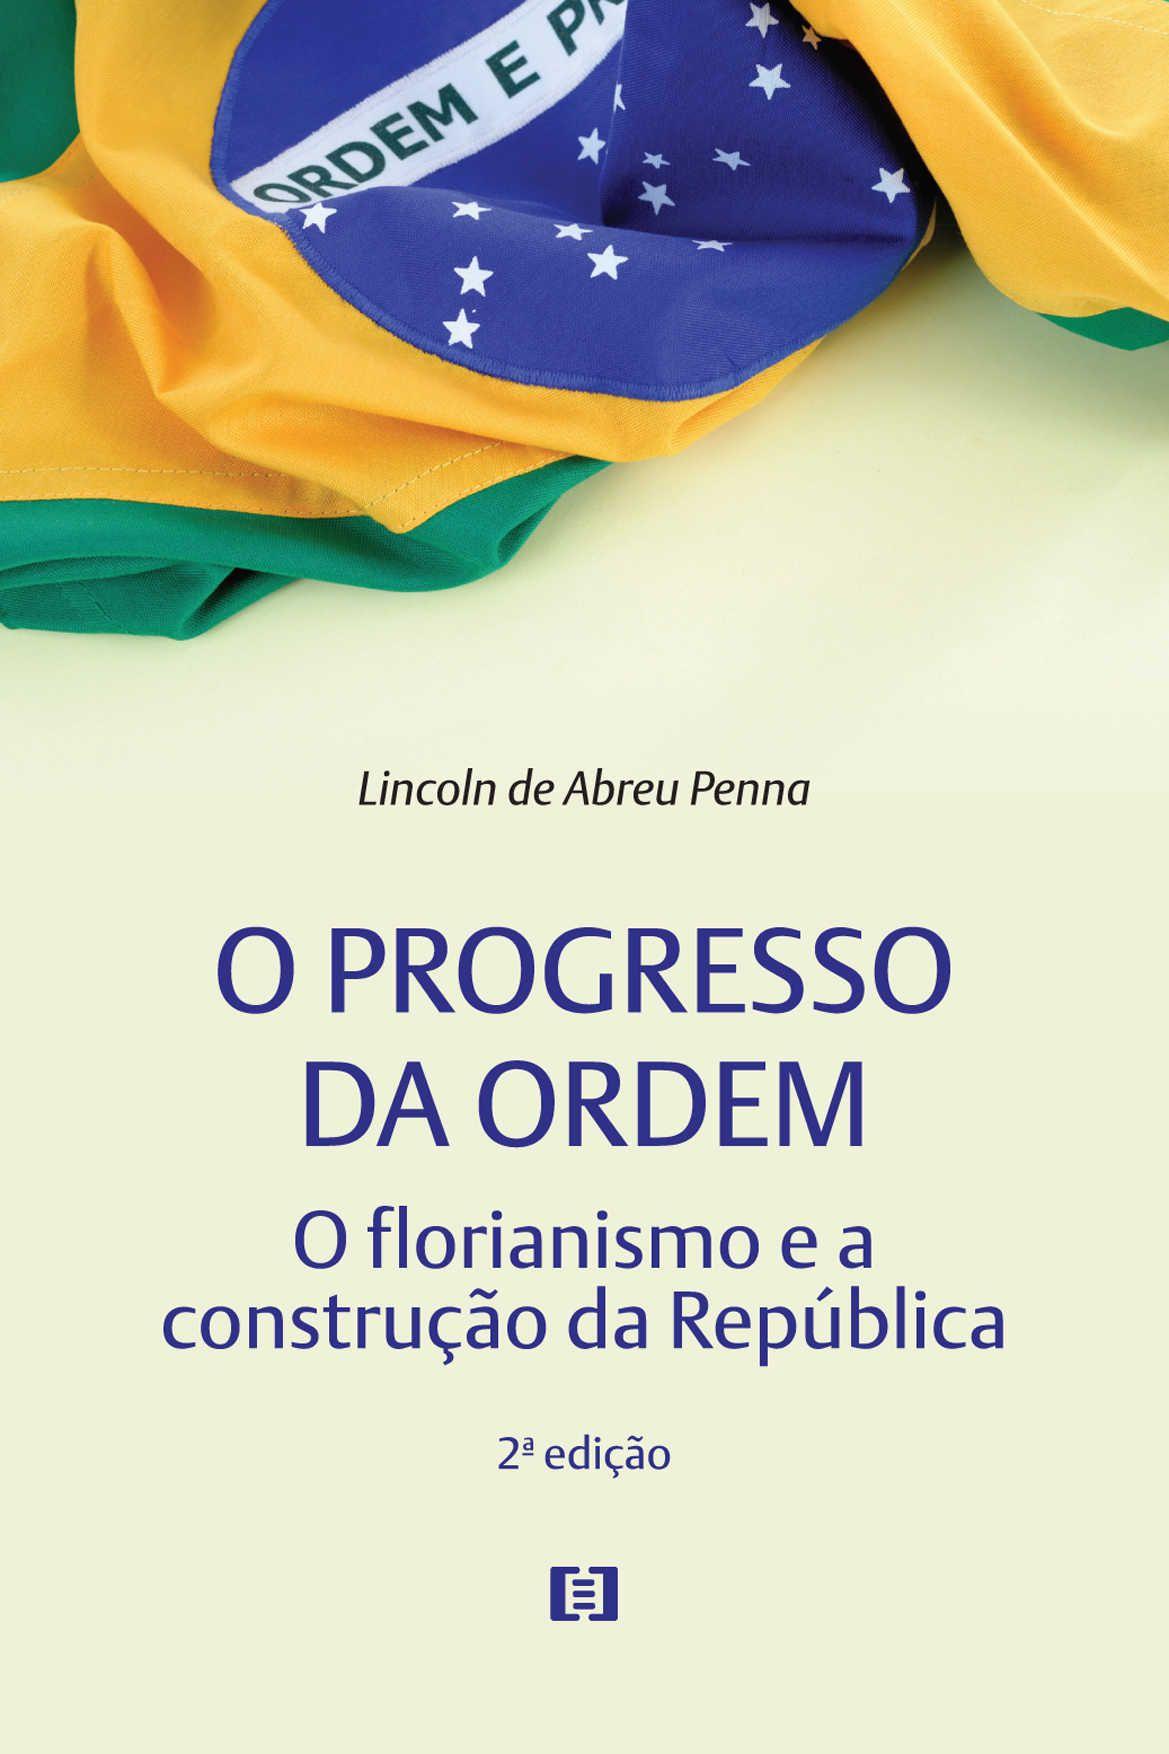 O progresso da ordem: O florianismo e a construção da República